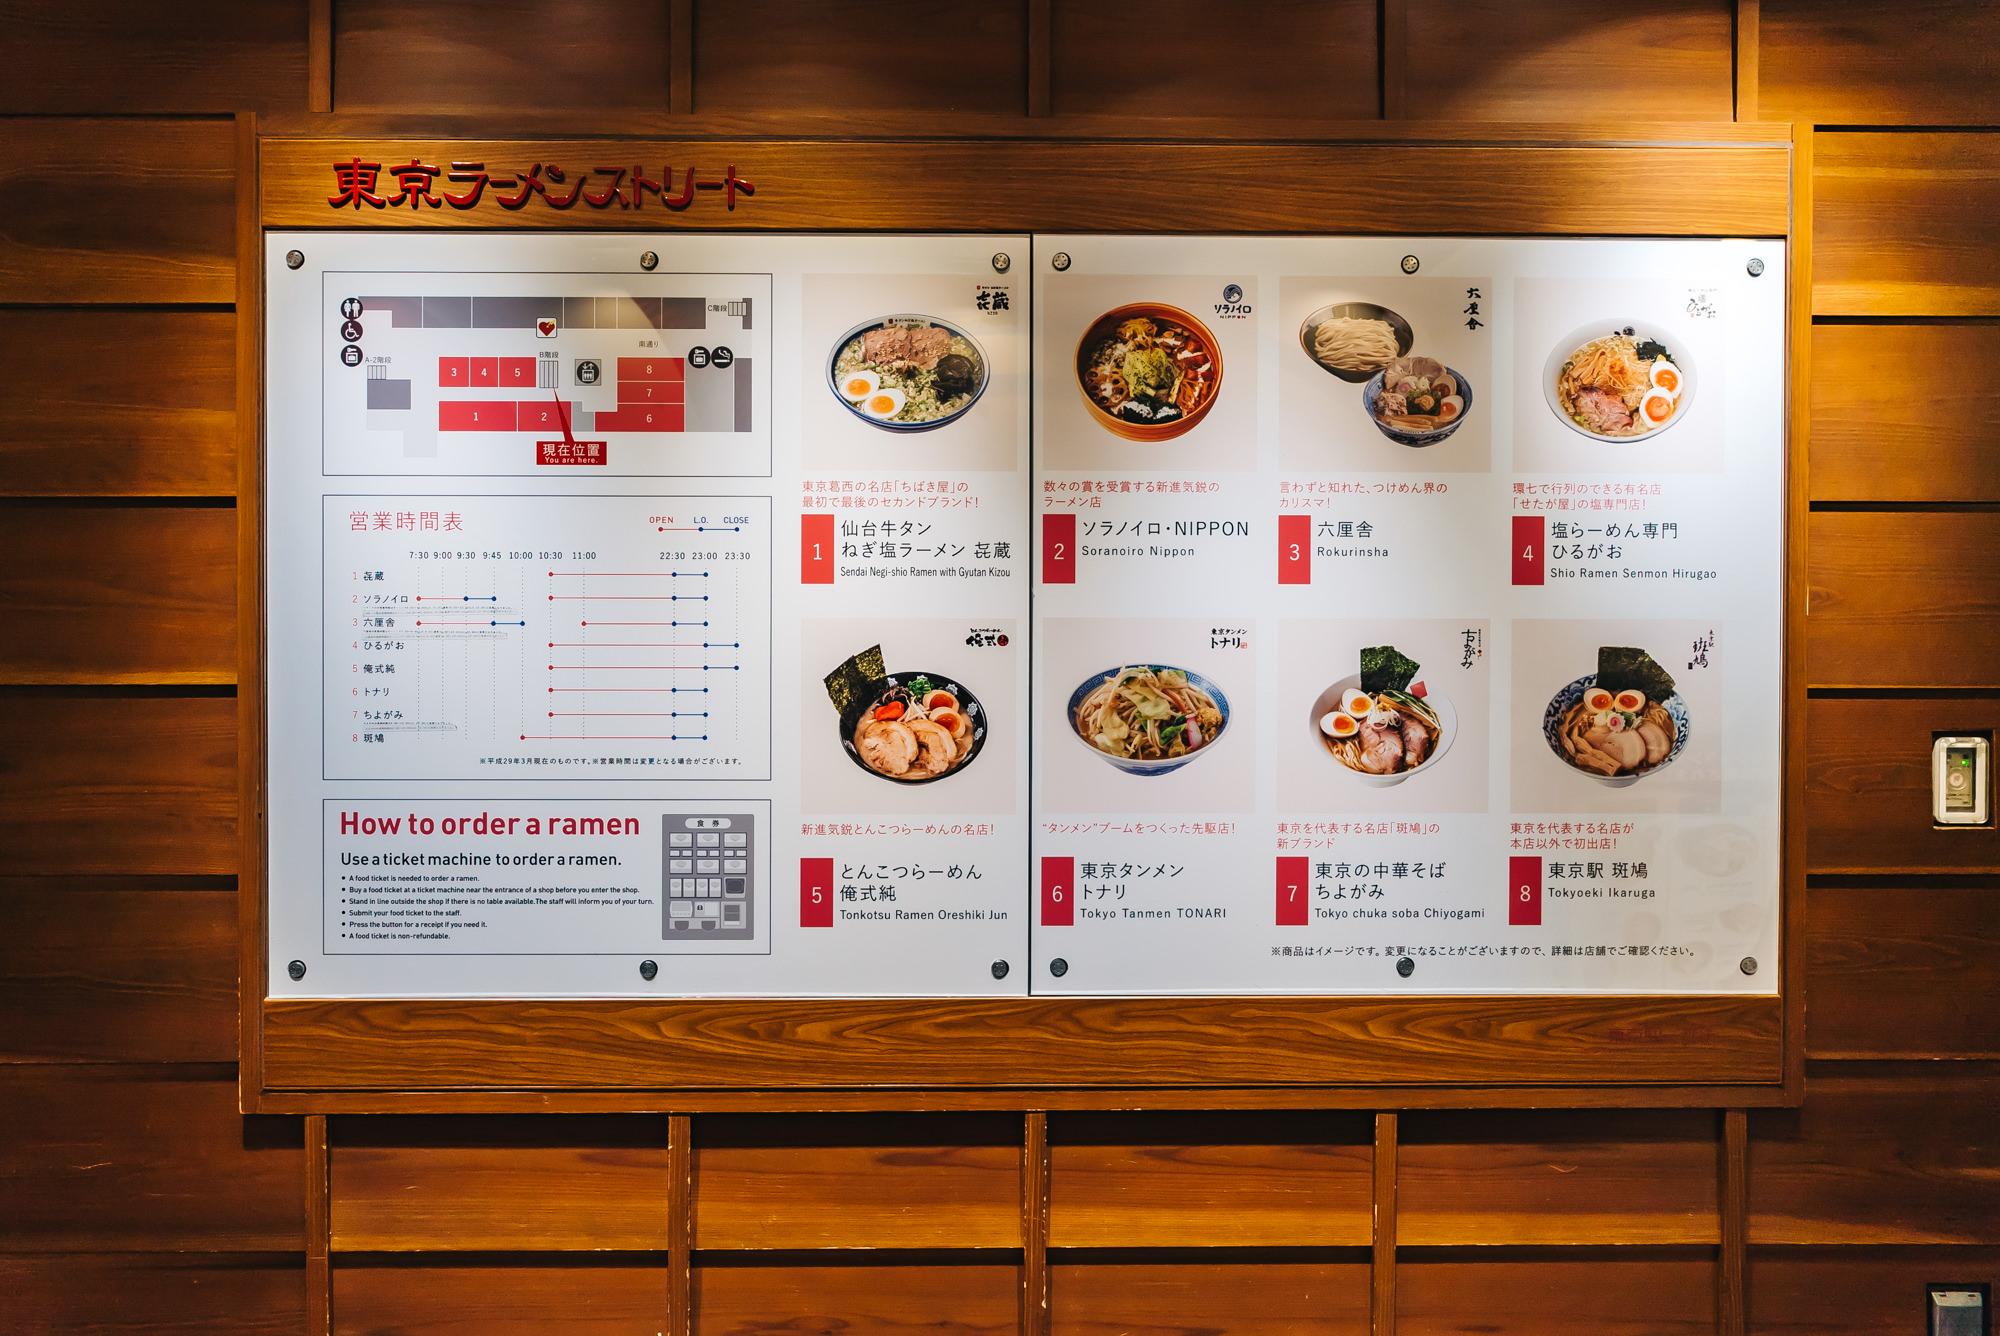 8 of the best ramen shops in Japan